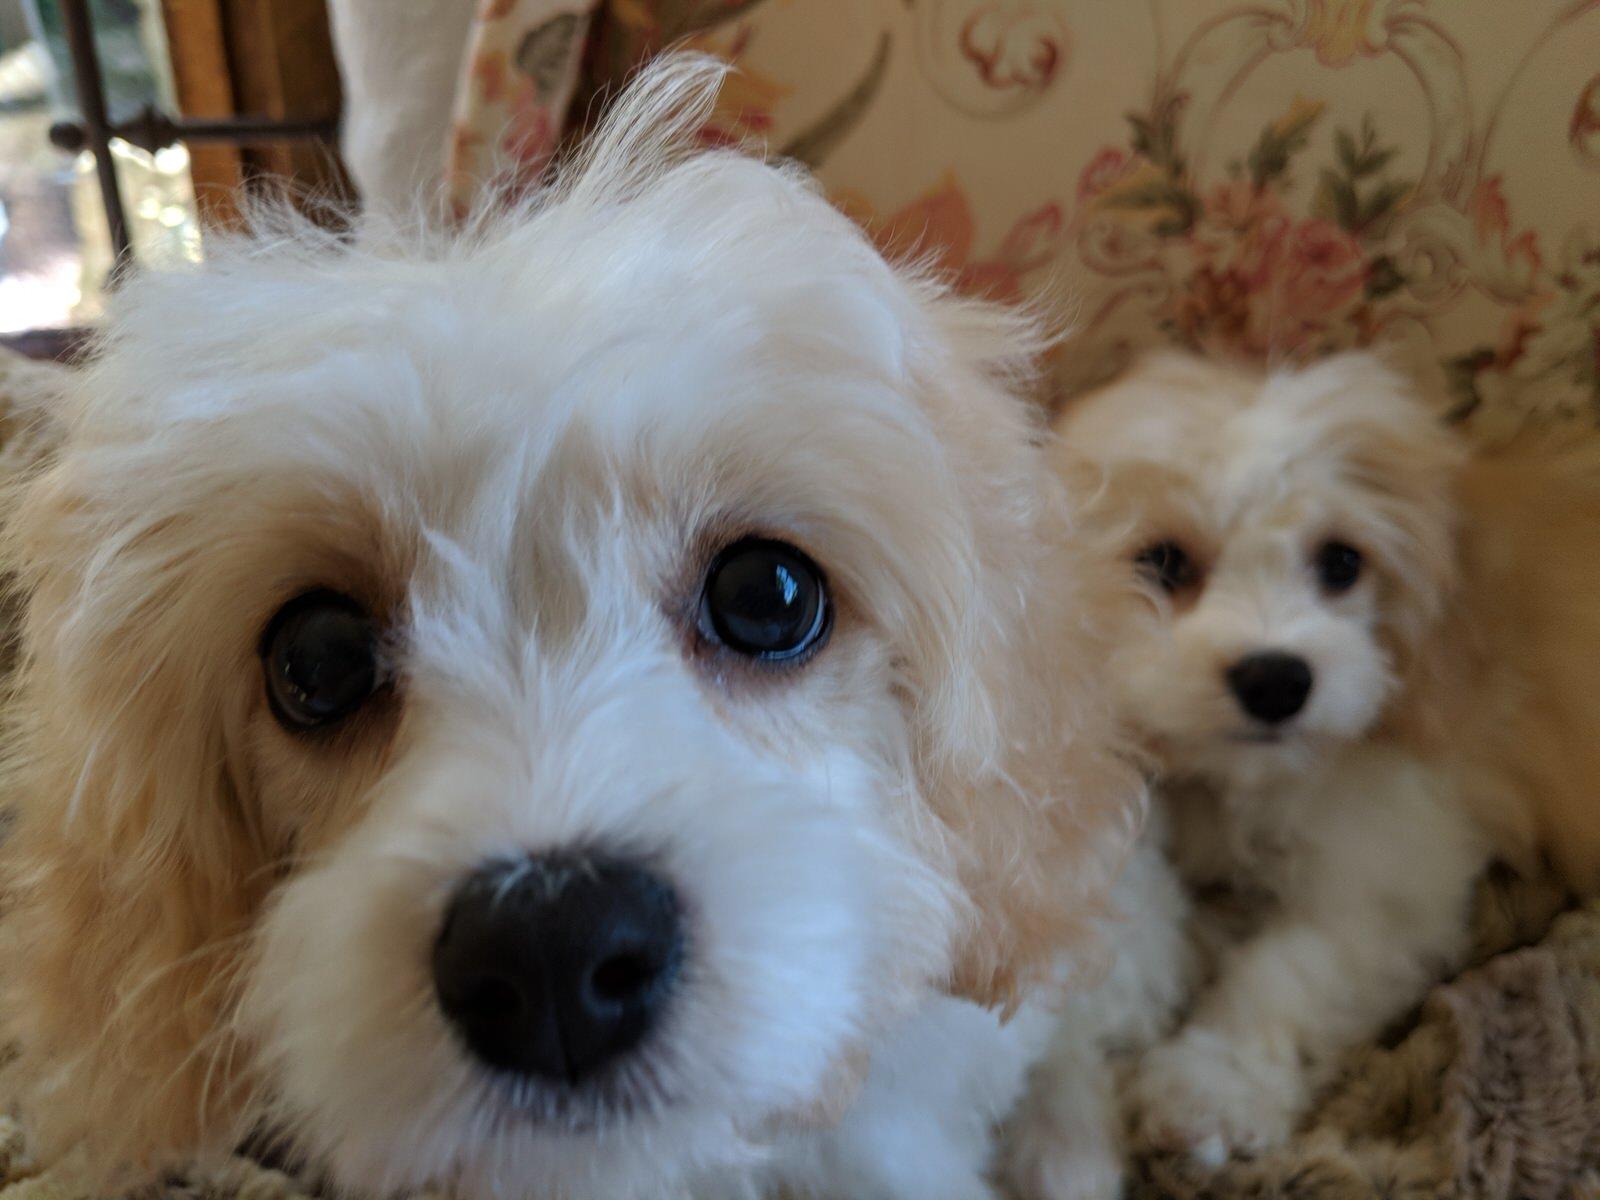 Bella a Cavachon puppy